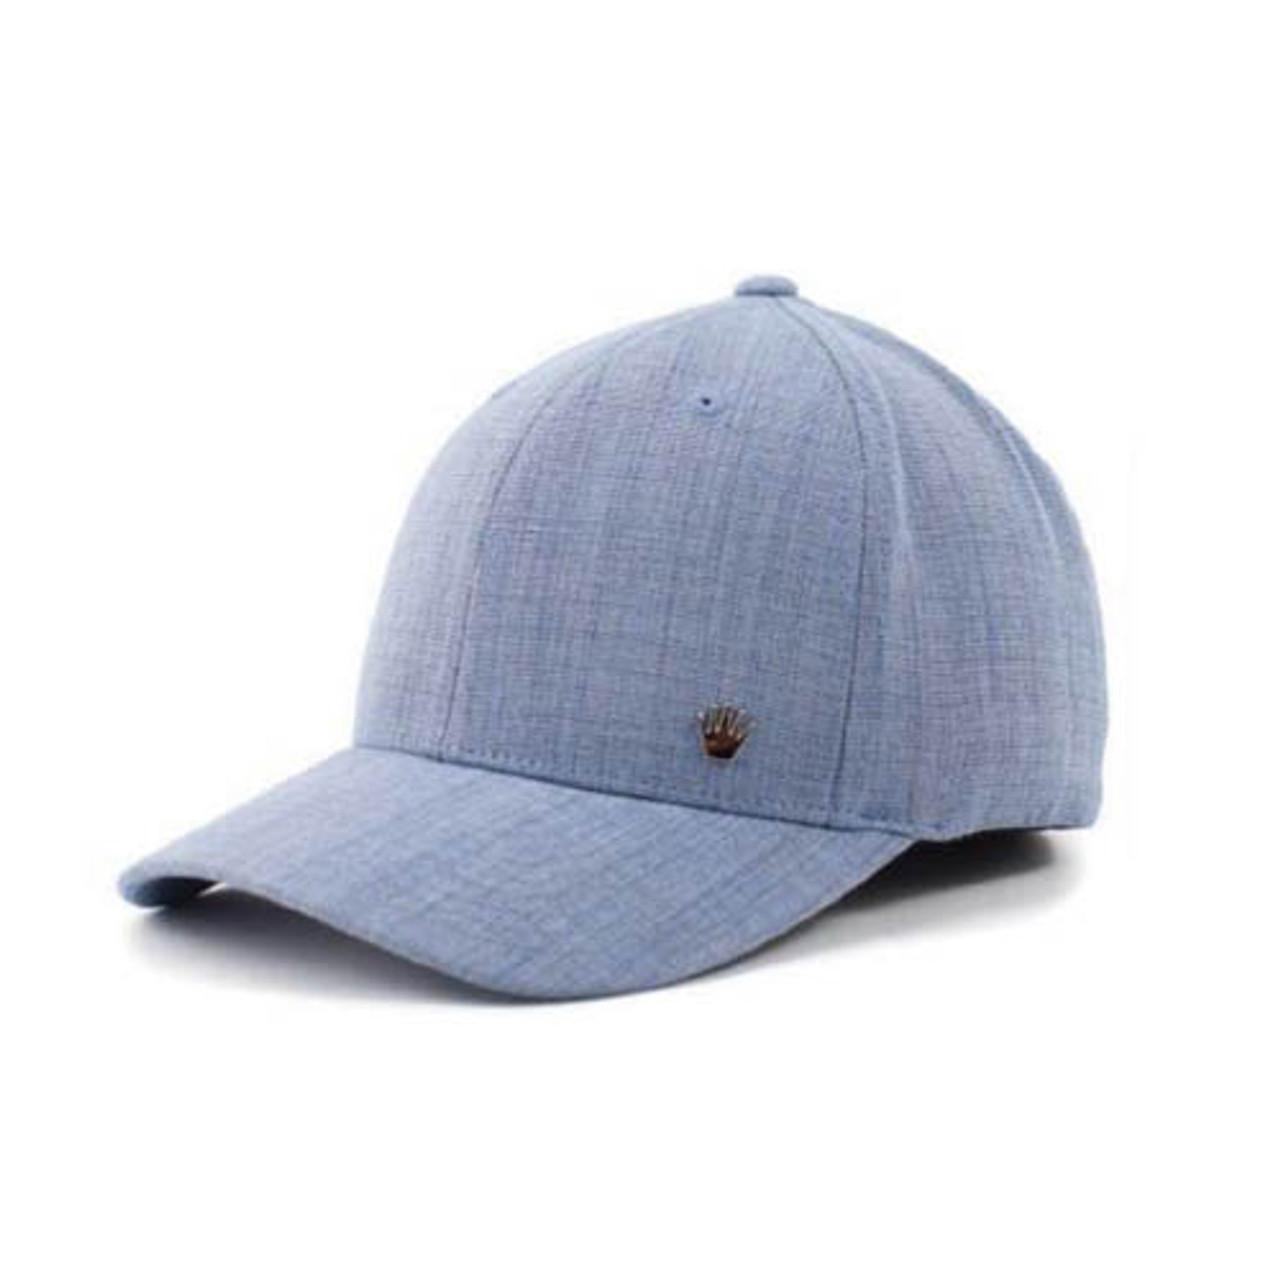 buy popular 66f1f 6f549 No Bad Ideas - Flexfit Cap - Perry (Blue)